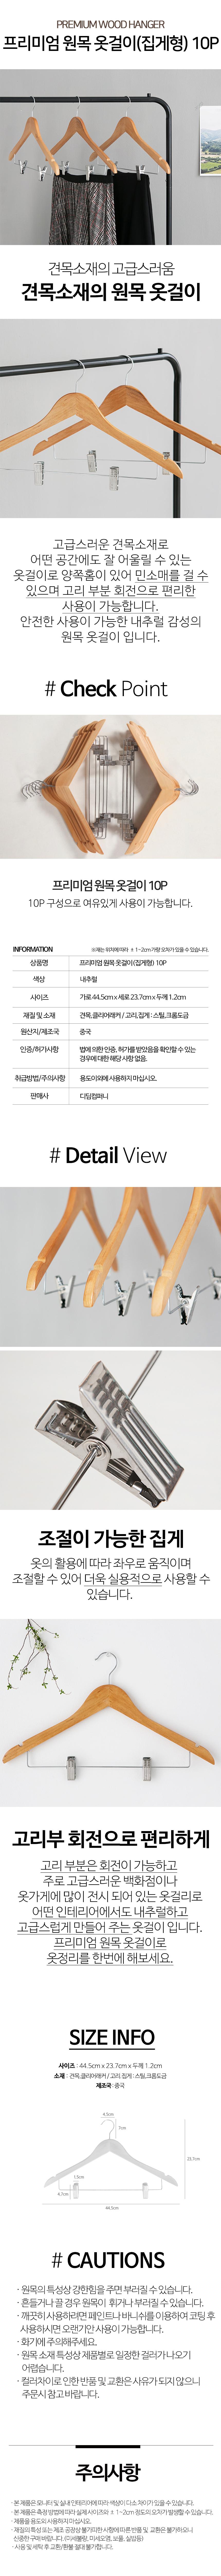 프리미엄 원목 옷걸이(집게형) 10P - 디딤컴퍼니, 25,900원, 행거/드레스룸/옷걸이, 옷걸이/플라스틱